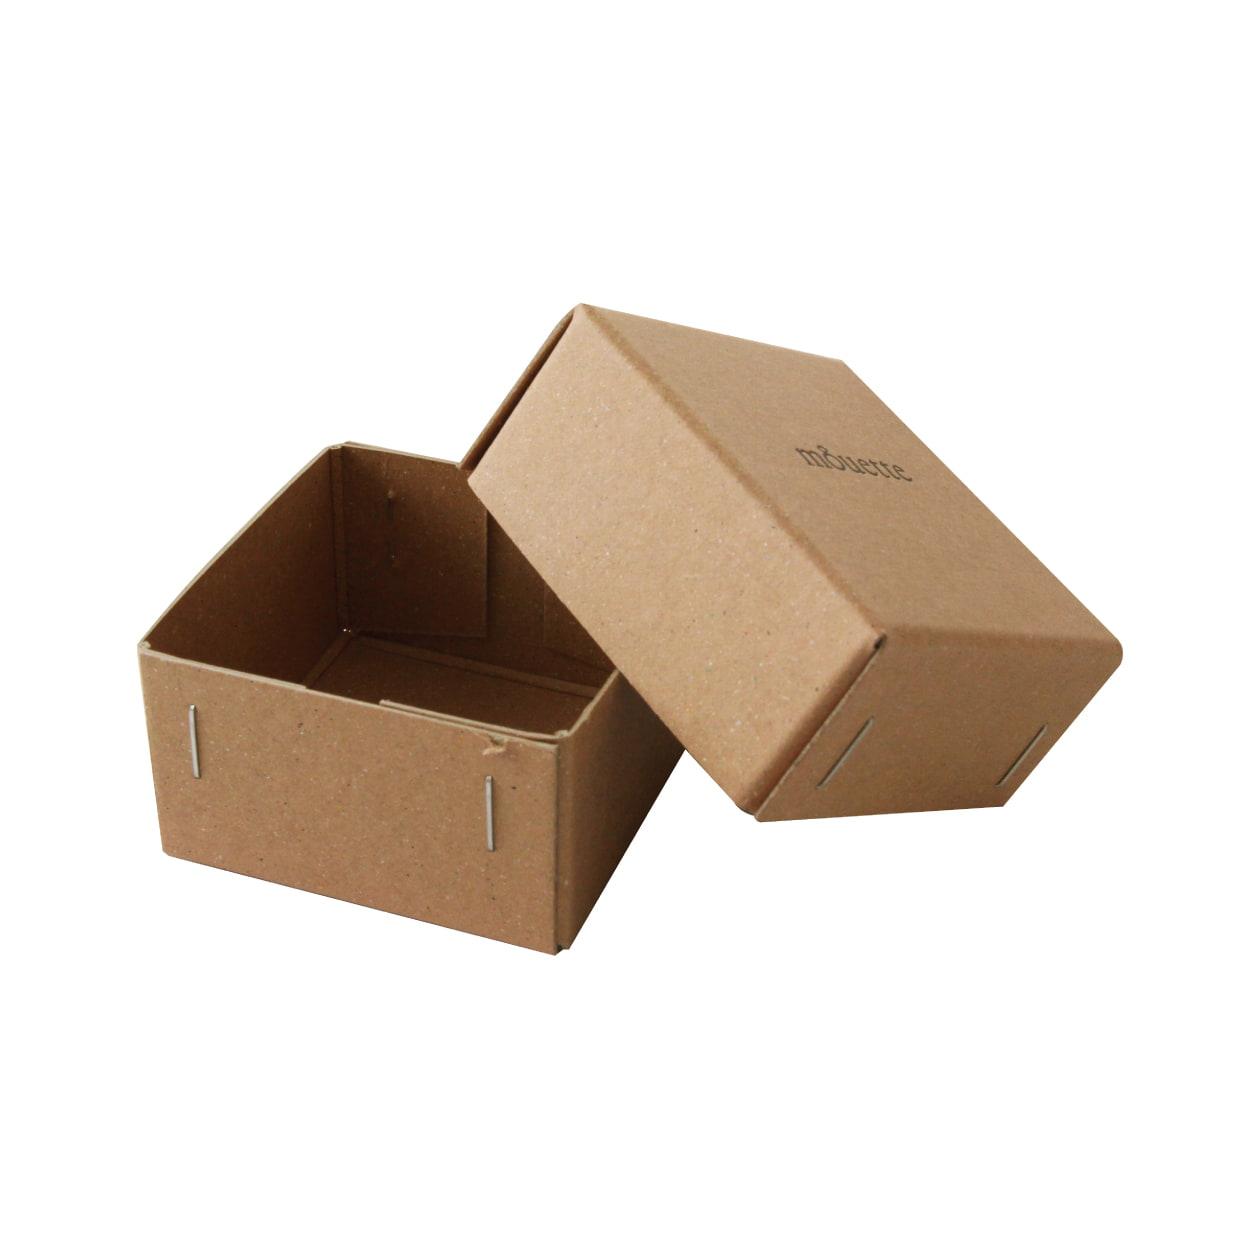 サンプル 箱(ホッチキスどめ) 00013